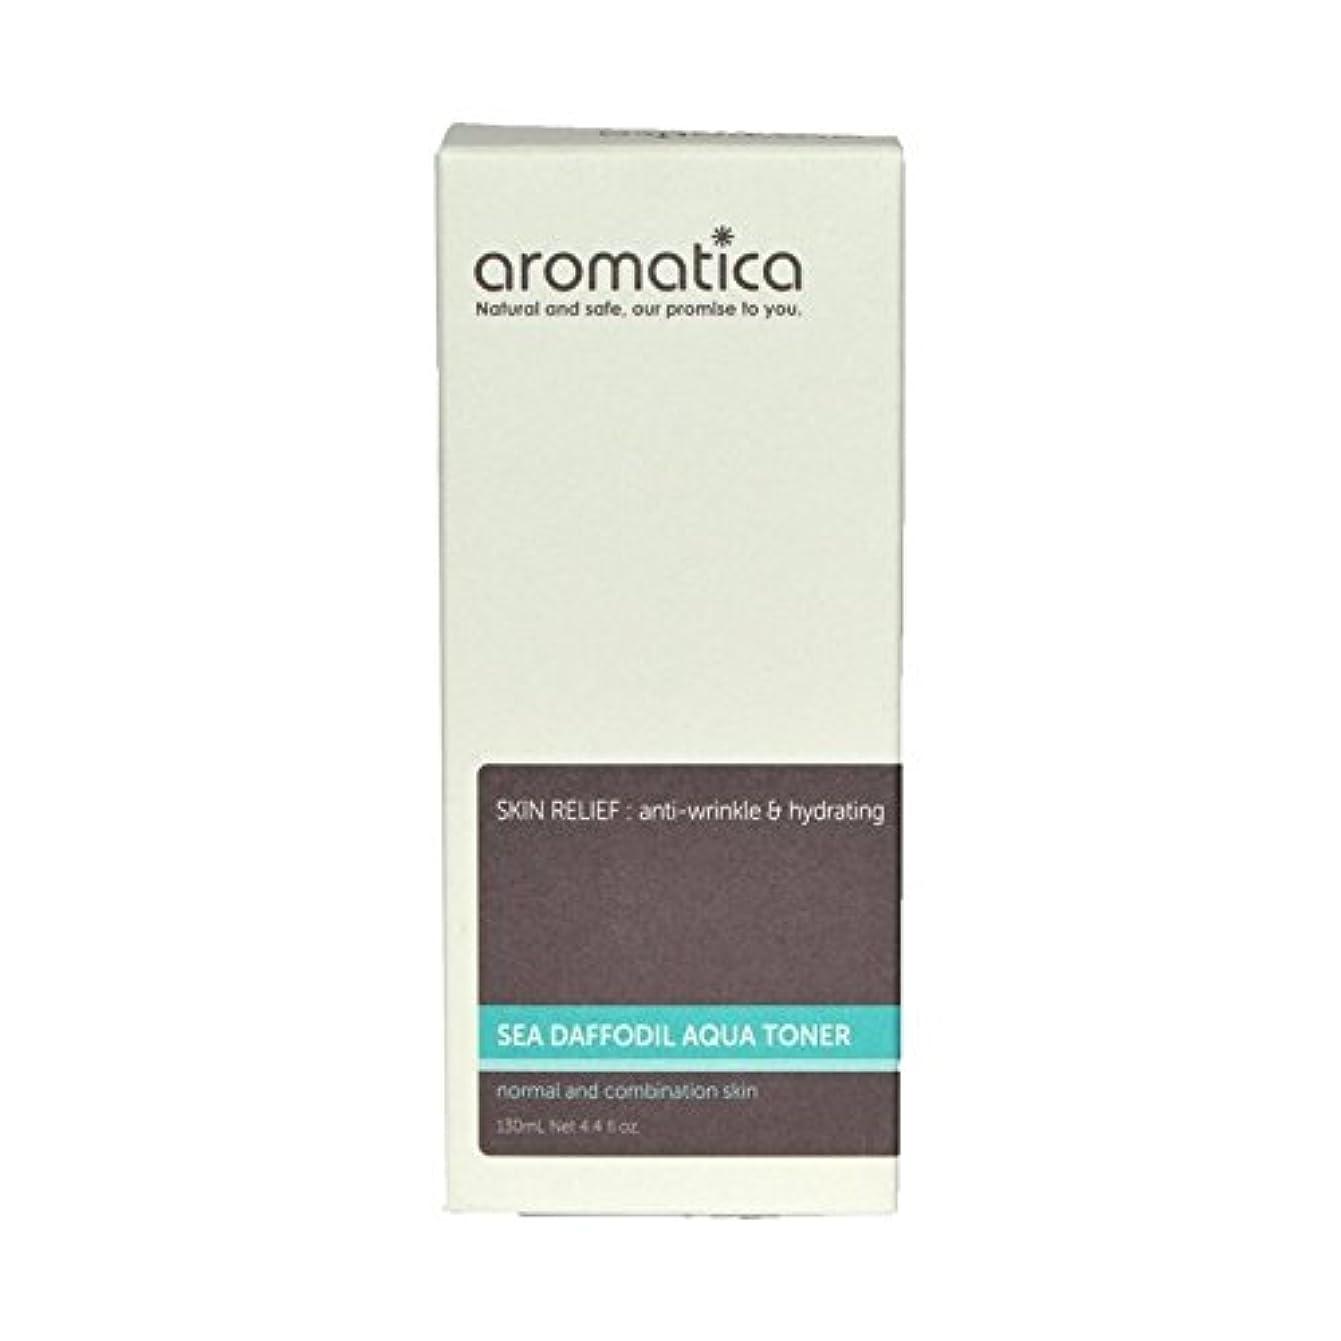 ウェイド魔術師シーフード海スイセンアクアトナー130ミリリットル x4 - aromatica Sea Daffodil Aqua Toner 130ml (Pack of 4) [並行輸入品]